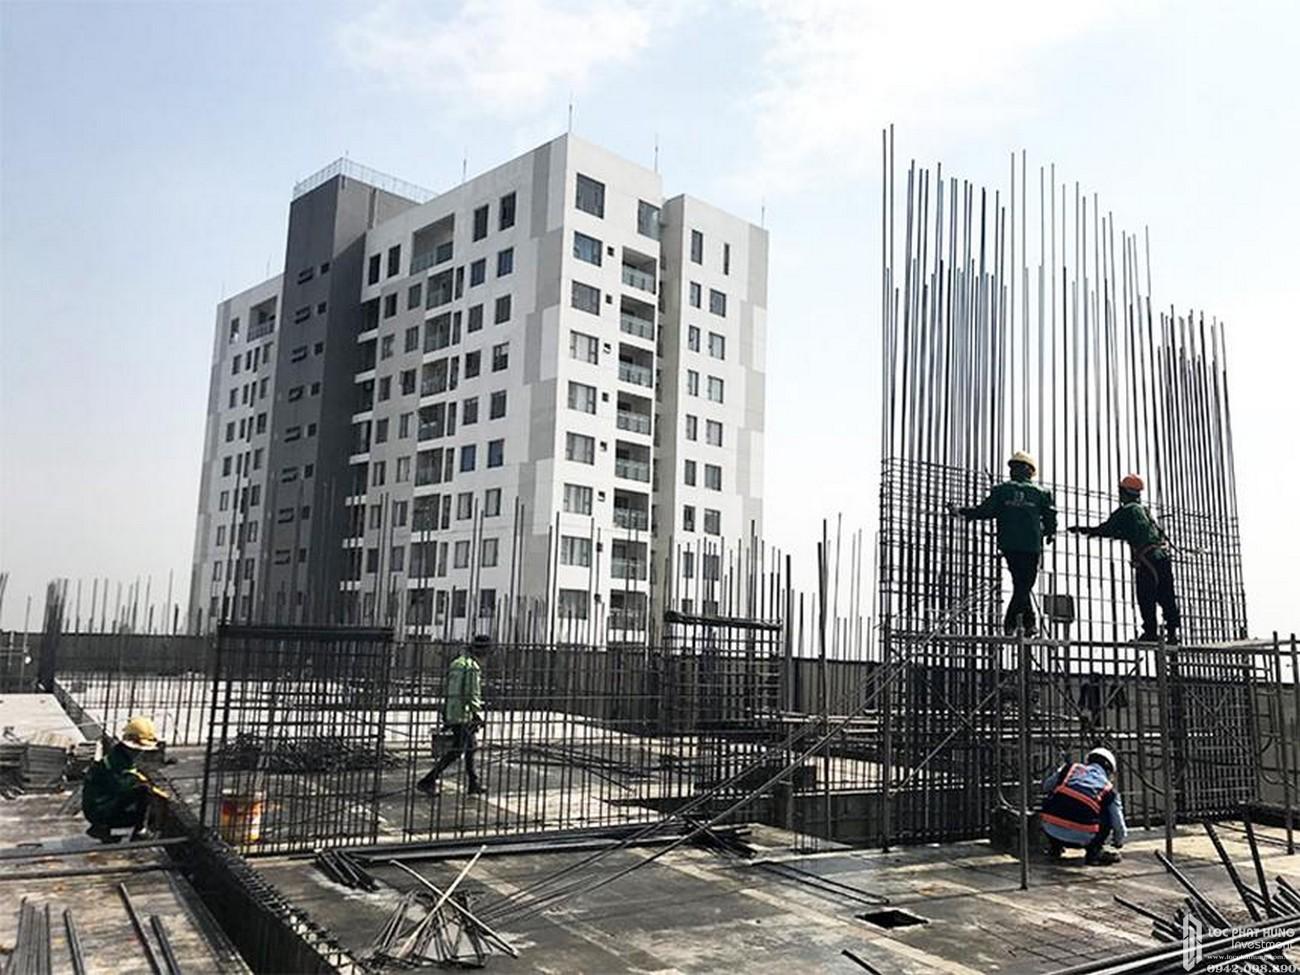 Tiến độ dự án căn hộ chung cư Sky 89 Quận 7 Đường Hoàng Quốc Việt chủ đầu tư An Gia Investment 04/2020